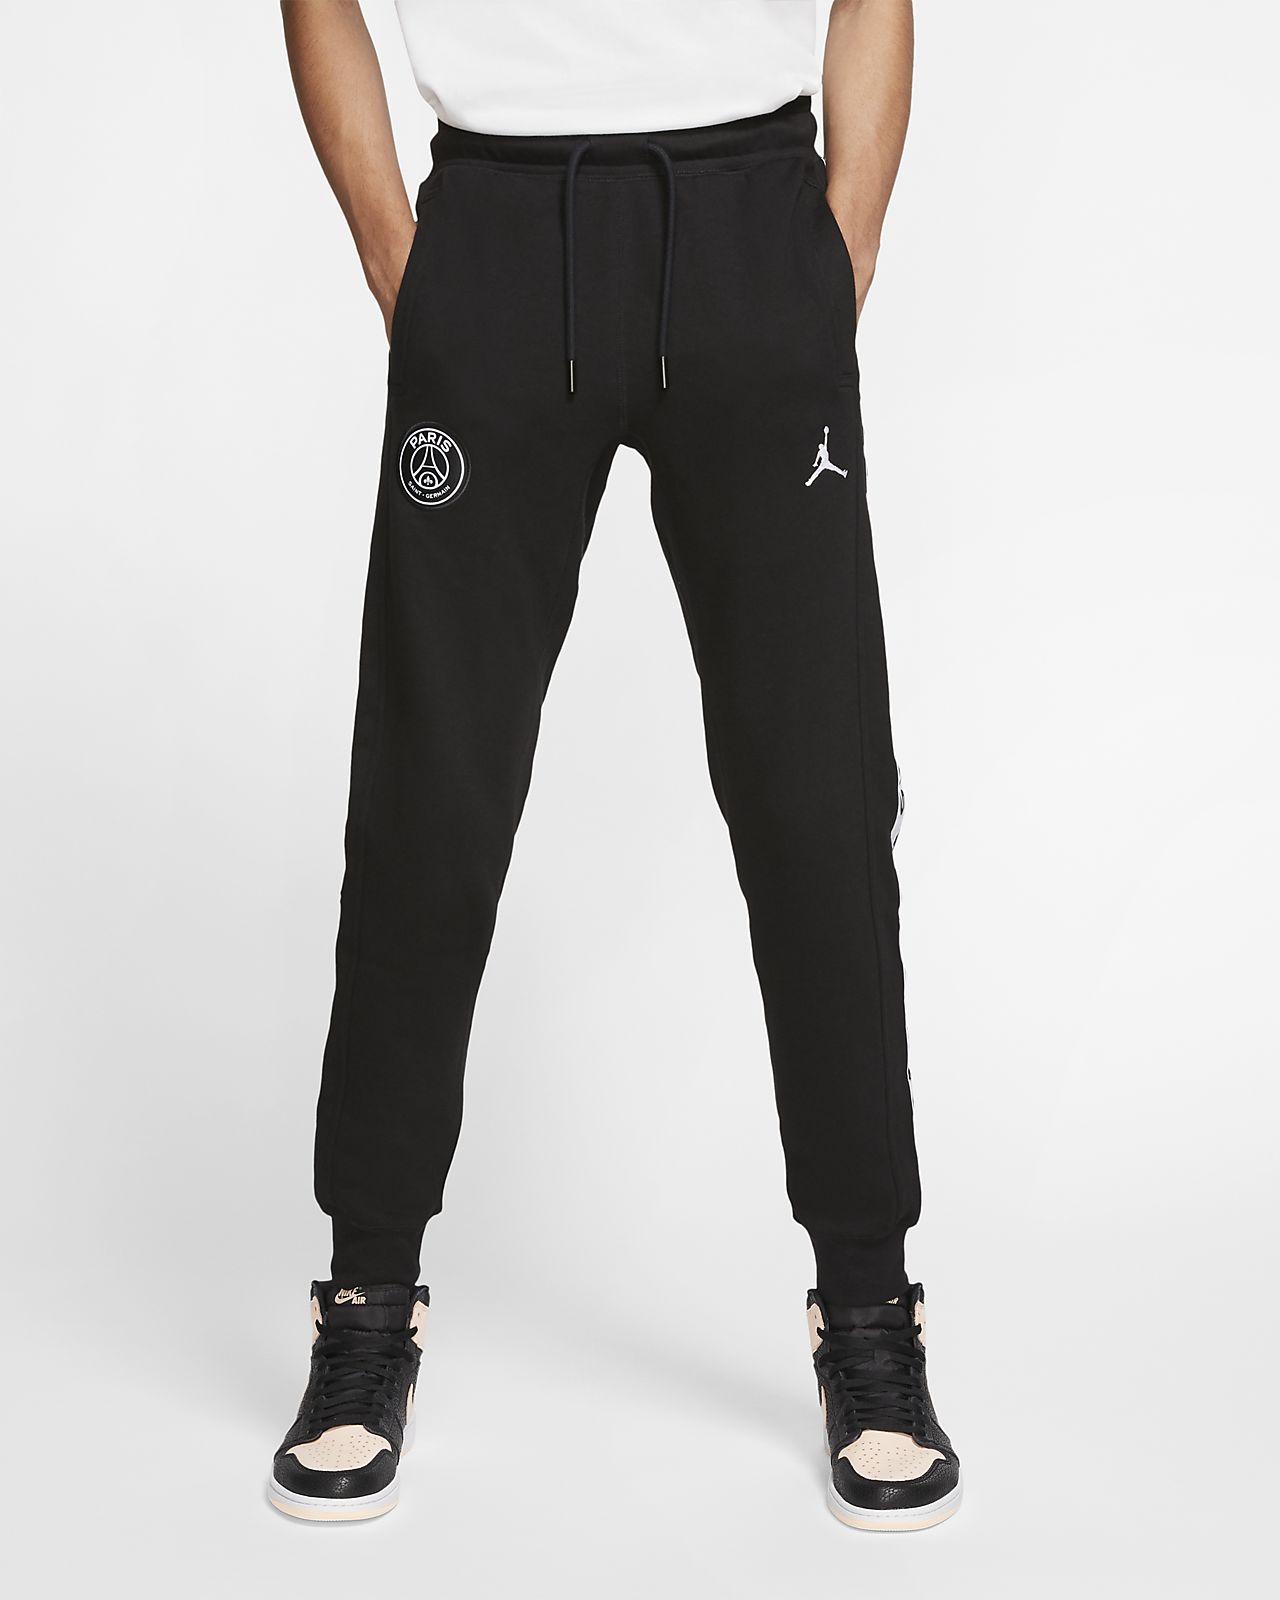 Paris Saint-Germain Pantalons de teixit Fleece